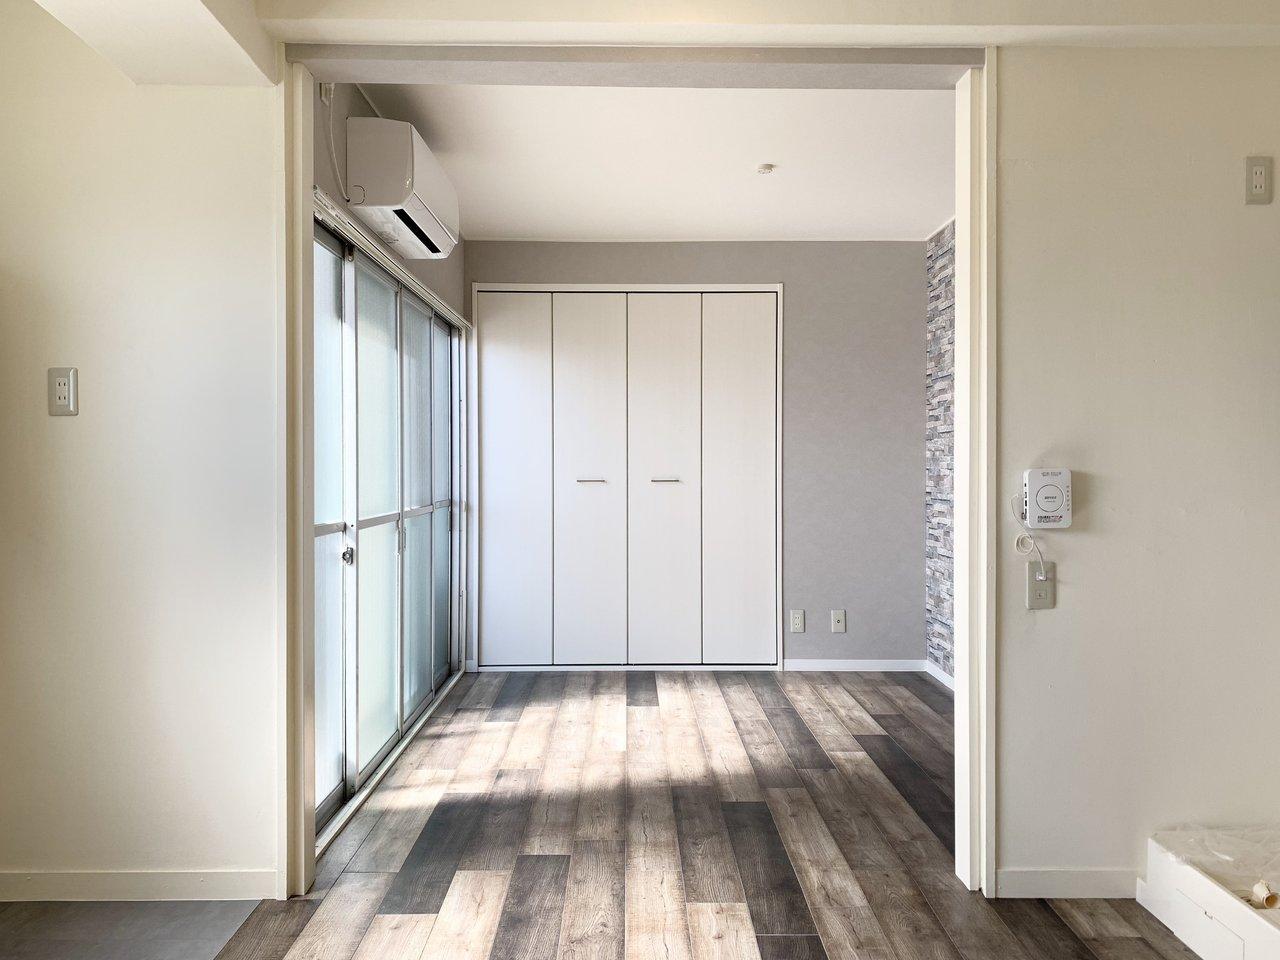 まず初めにご紹介するのは、なんと築67年の古株物件。それでも中はこんなにきれいにリノベされています。あえて古材風の床を使用していて、味わい深さが残るワンルームのお部屋です。